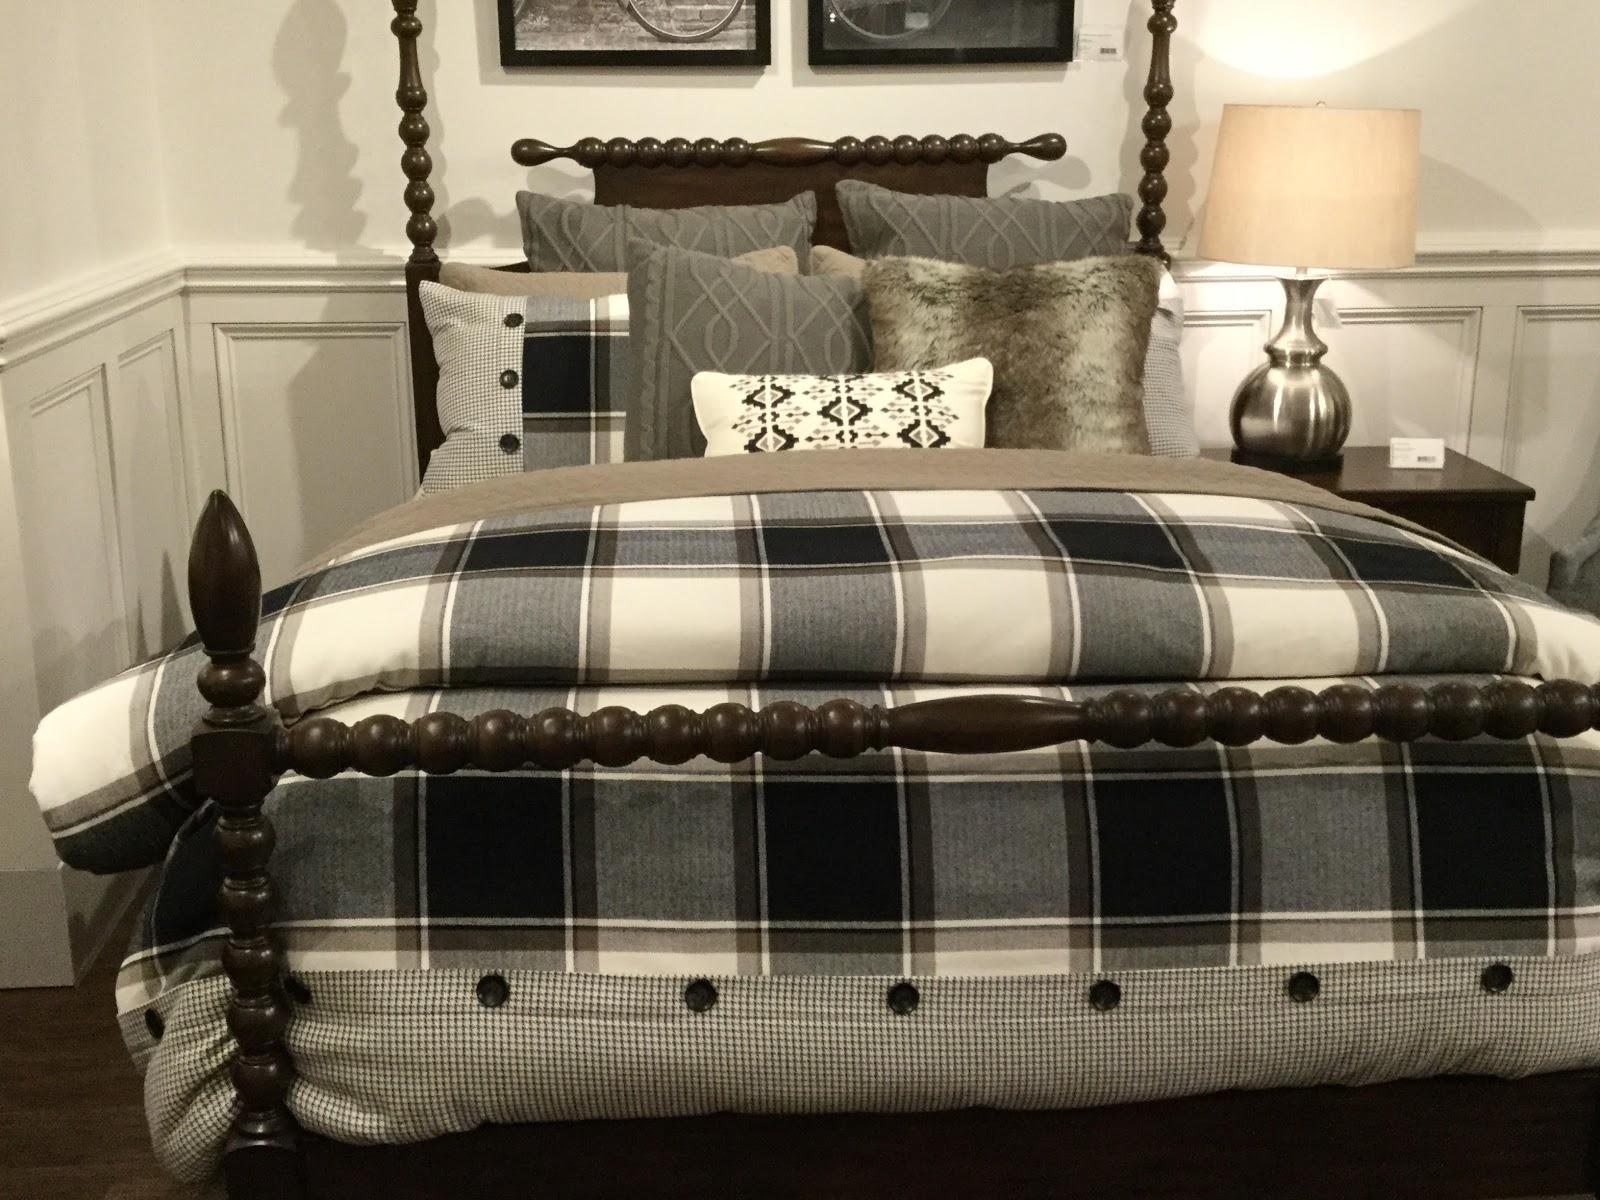 Cozy Bedding/Decorative Pillows 2